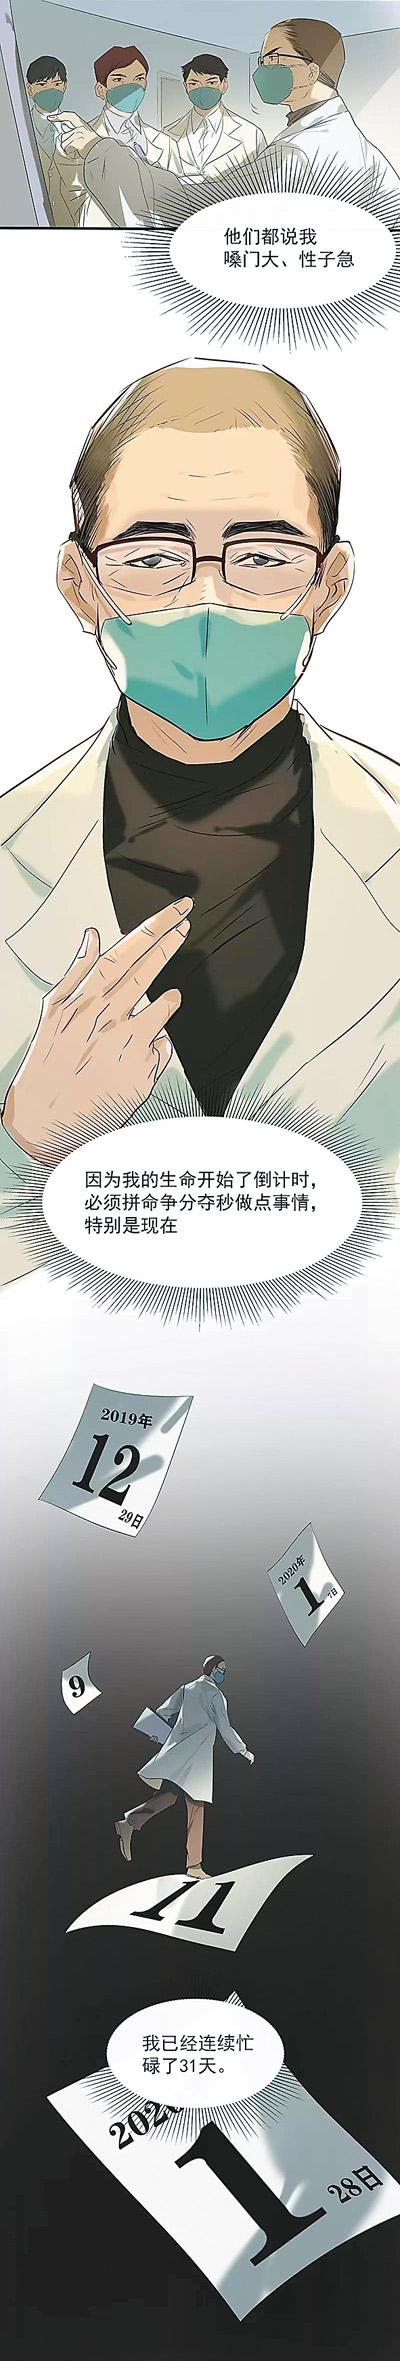 """漫畫燃暖也抗疫(中國戰""""疫""""系列報道(16))"""